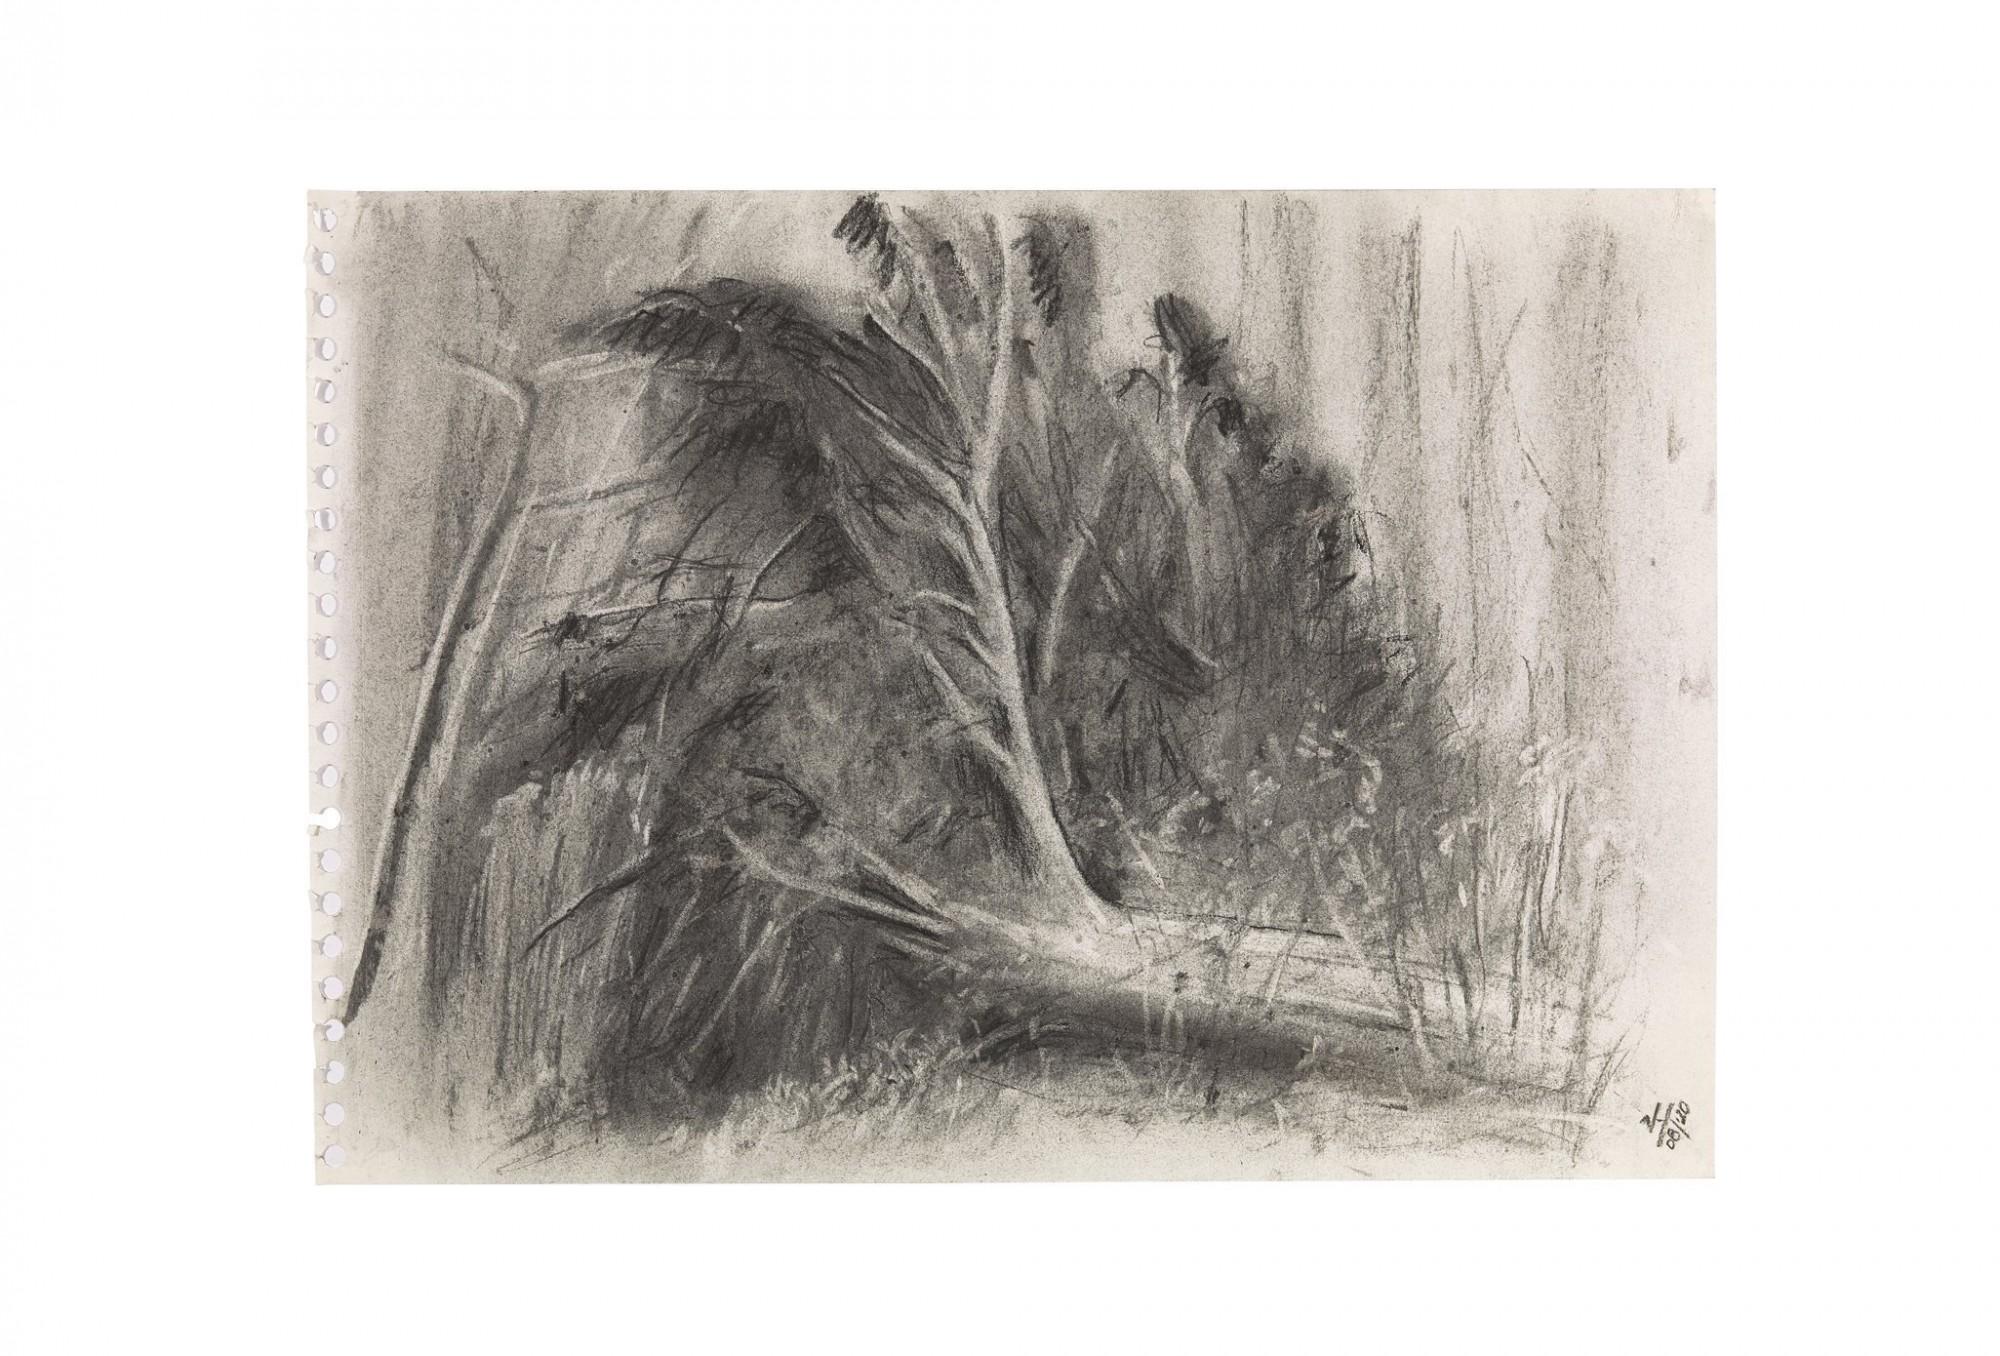 Afbeelding: Houtskooltekening H13_08_2020 - niet alle bomen sterven staand - Minderhout - Halsche Beemden